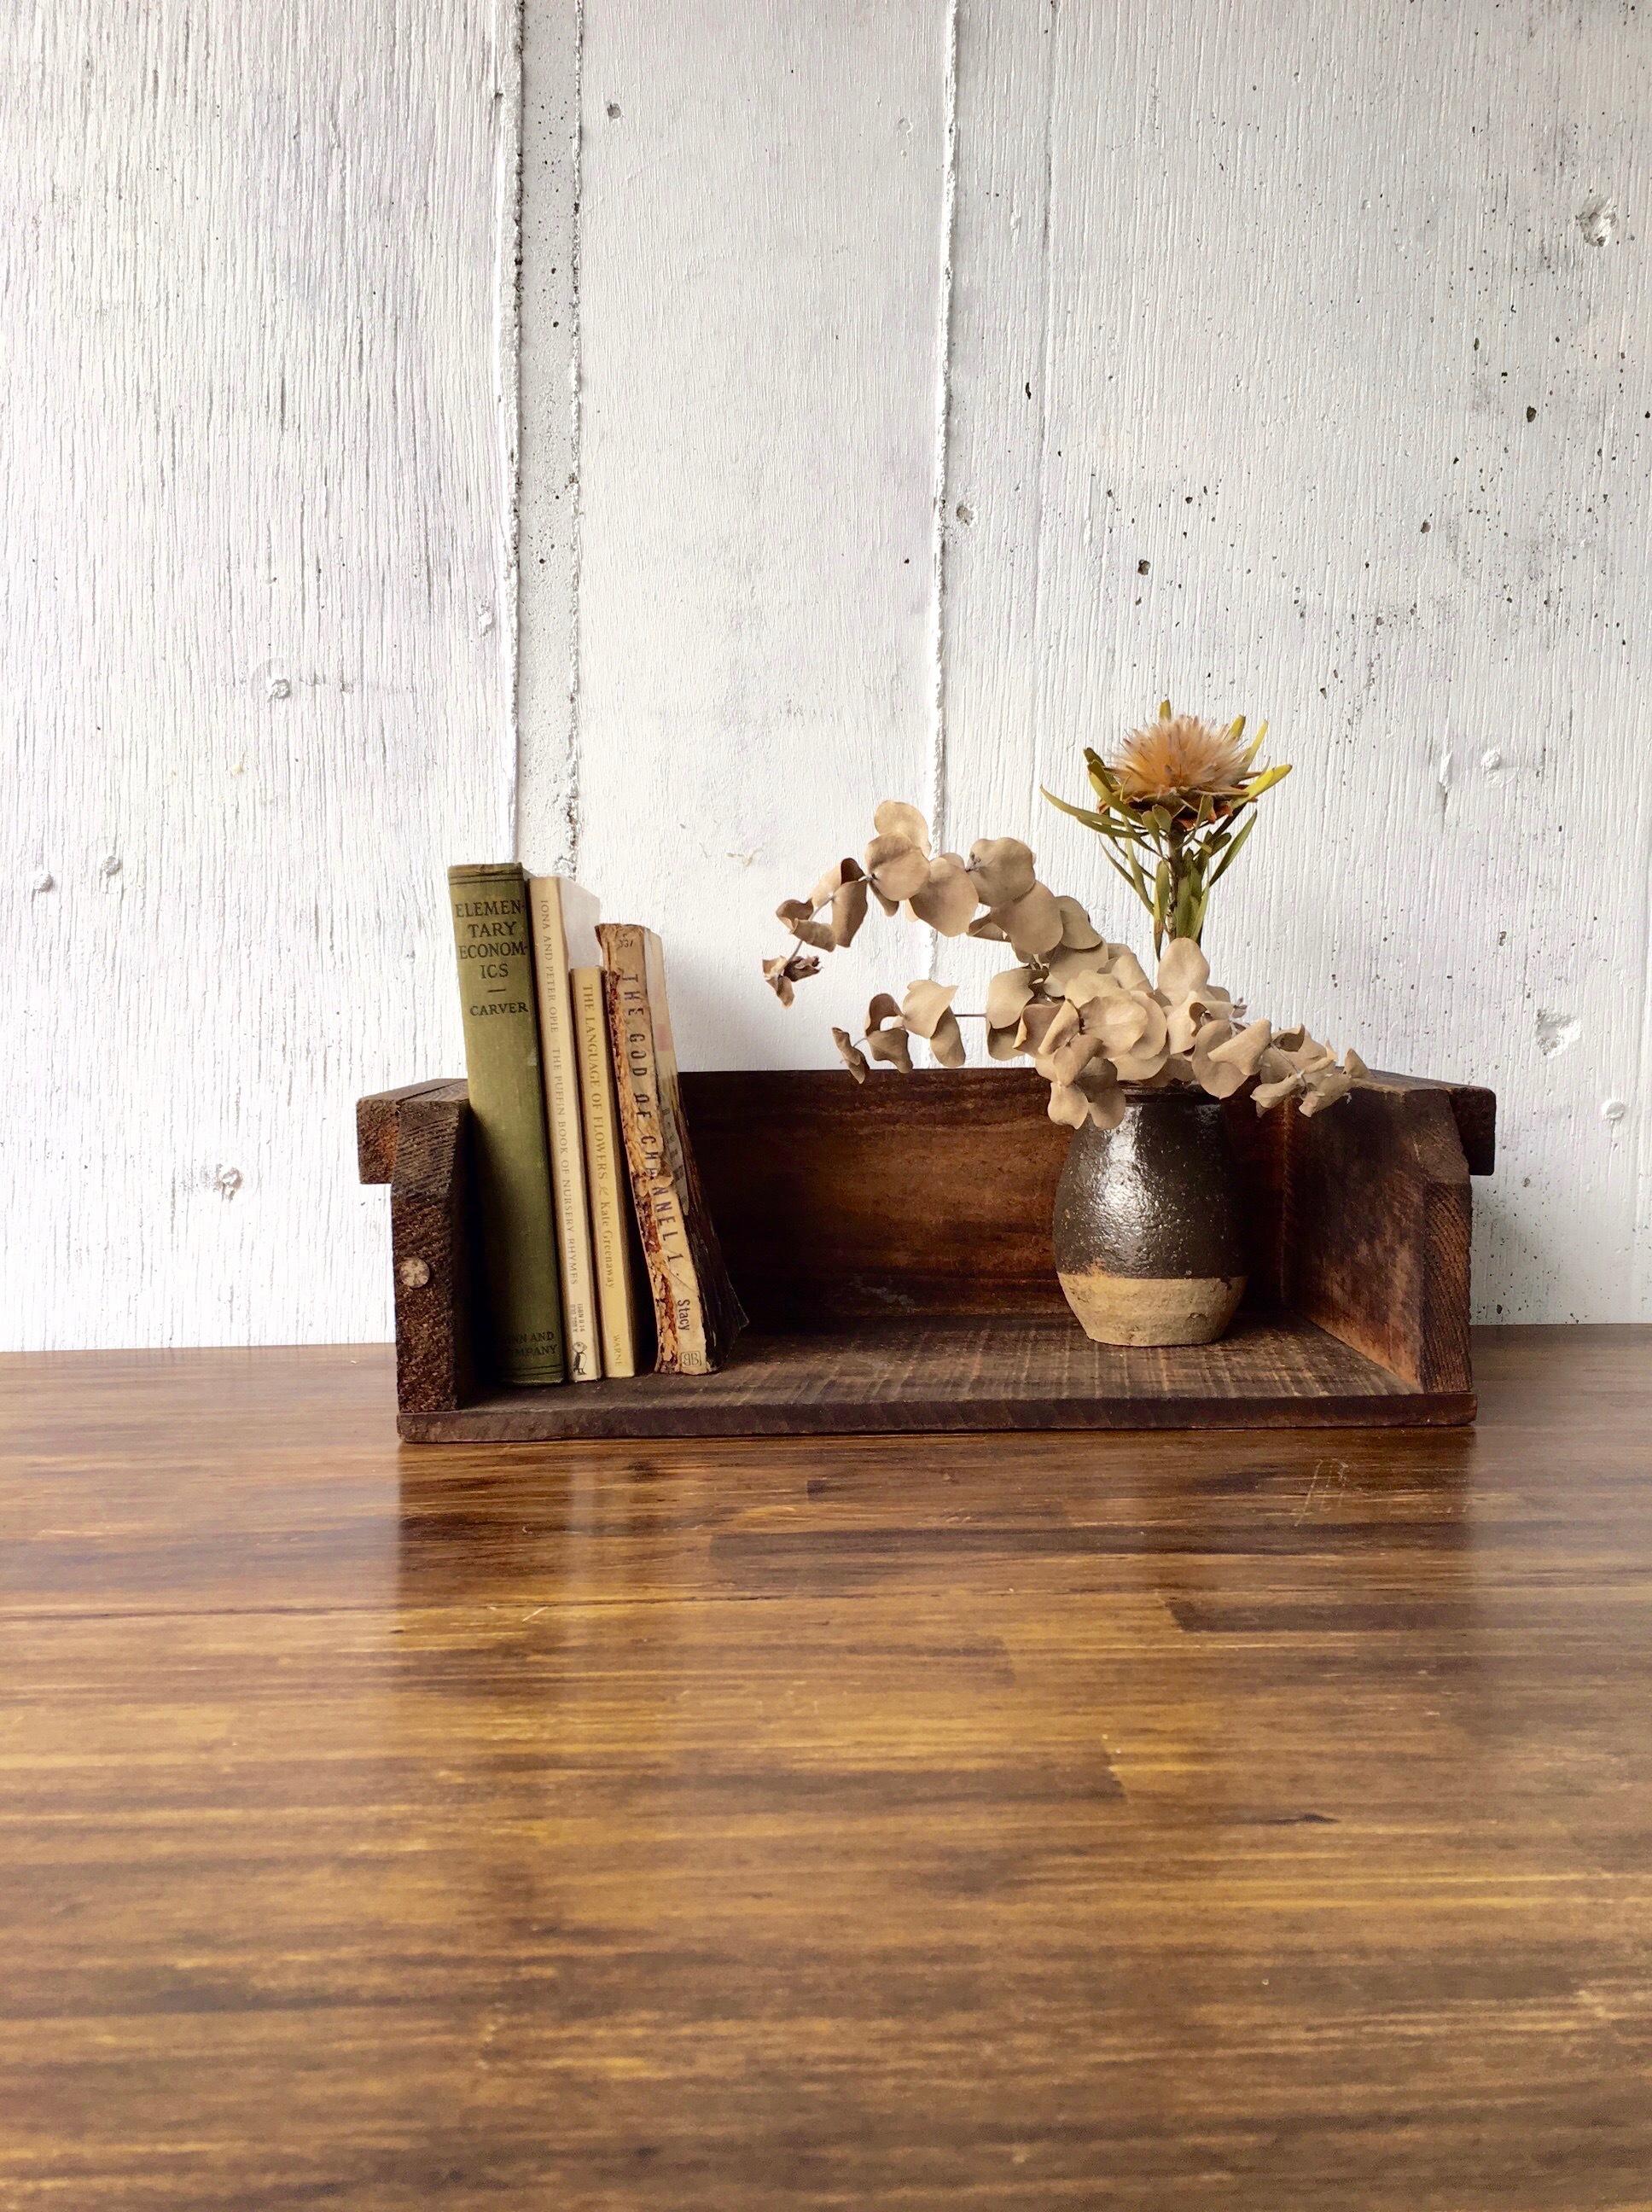 濃い木味の本立て〈古家具〉